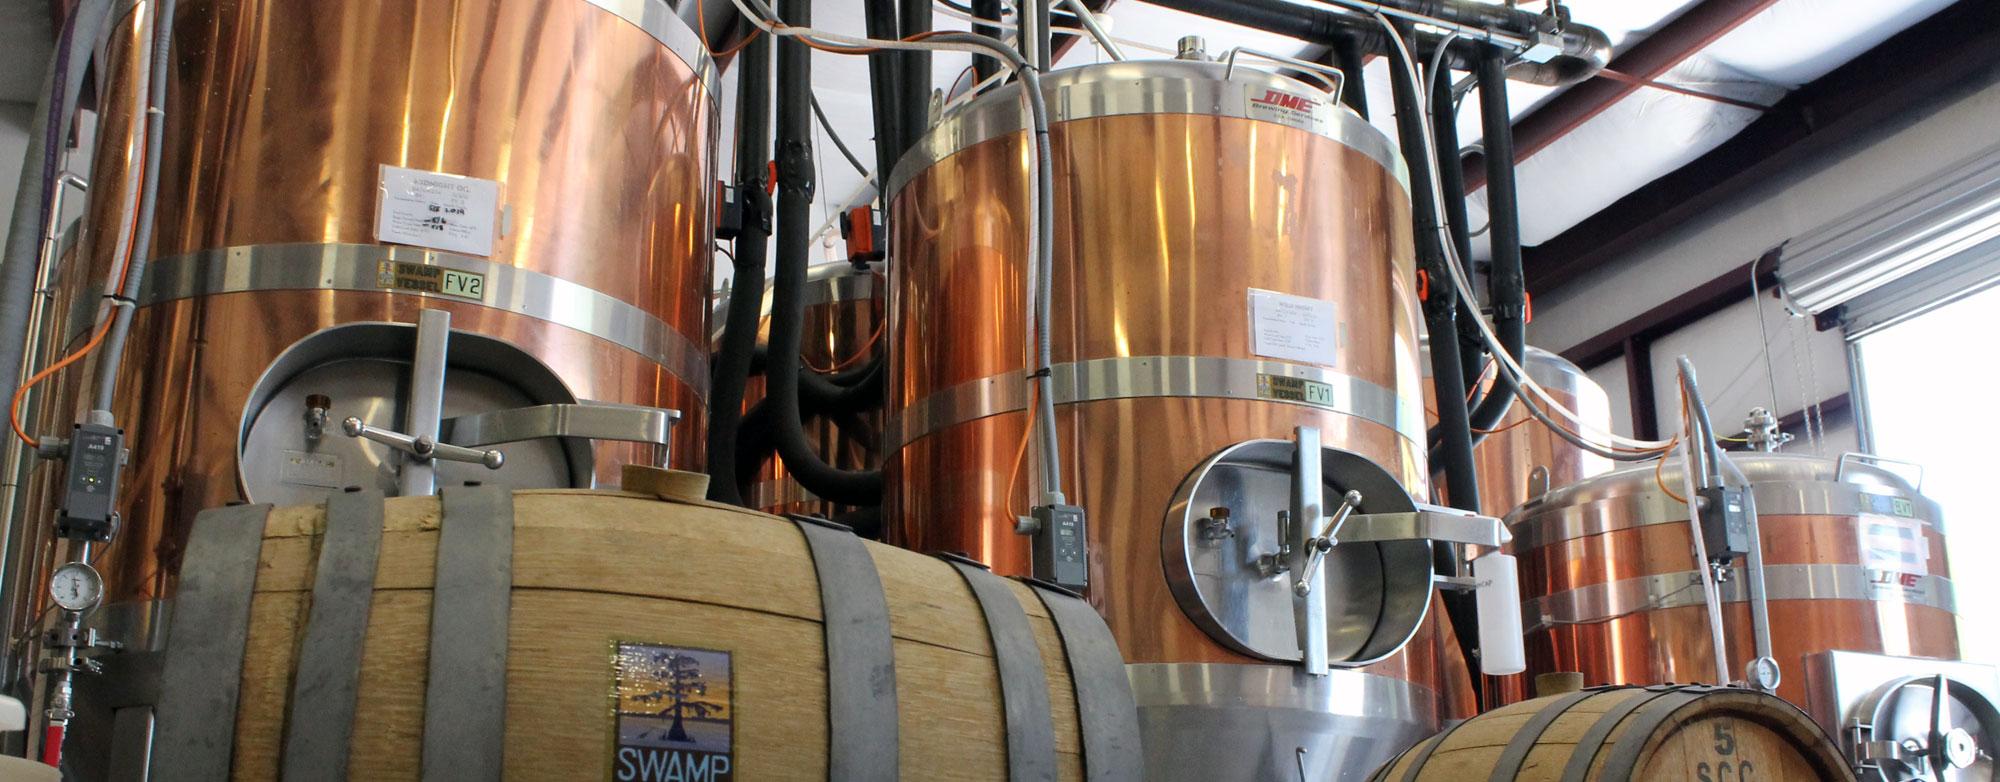 Изготовление пива мини пивоварня сухопарник для самогонного аппарата luxstahl